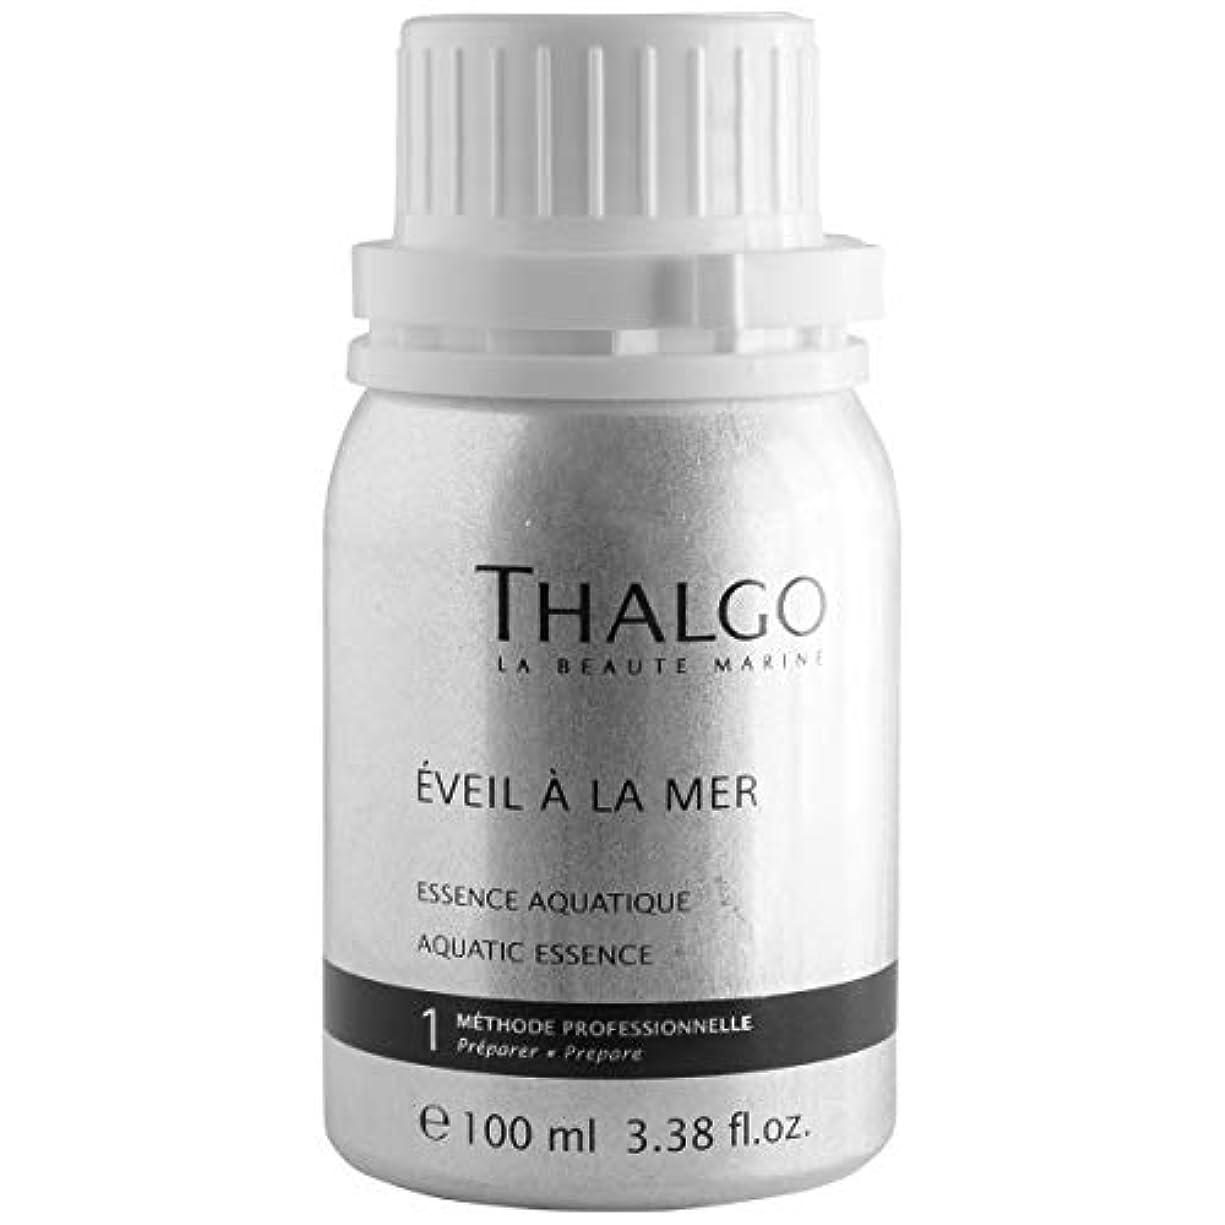 インカ帝国緯度鯨タルゴ Eveil A La Mer Aquatic Essence (Salon Size) 100ml/3.38oz並行輸入品